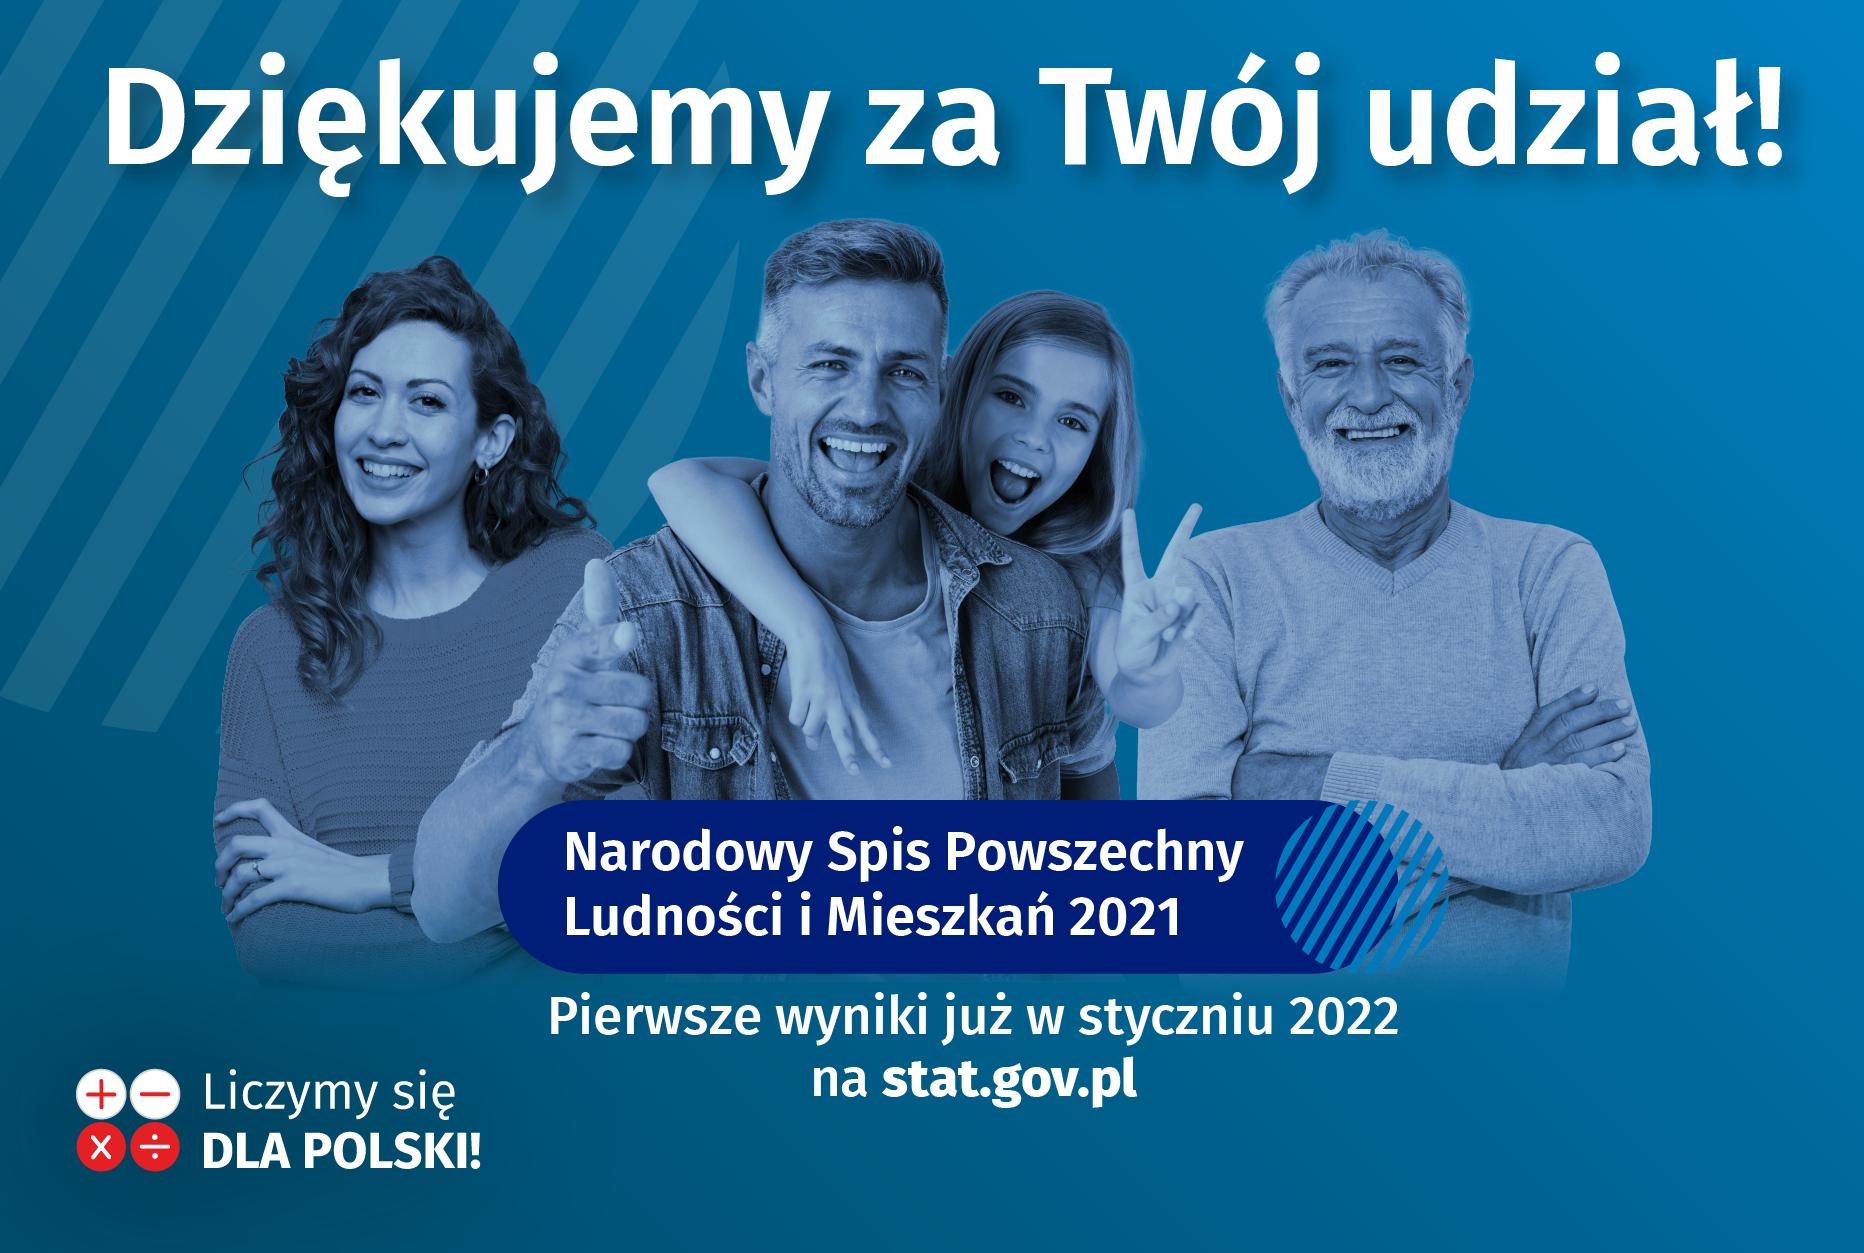 Podziękowania od GUS za udział w NSP 2021